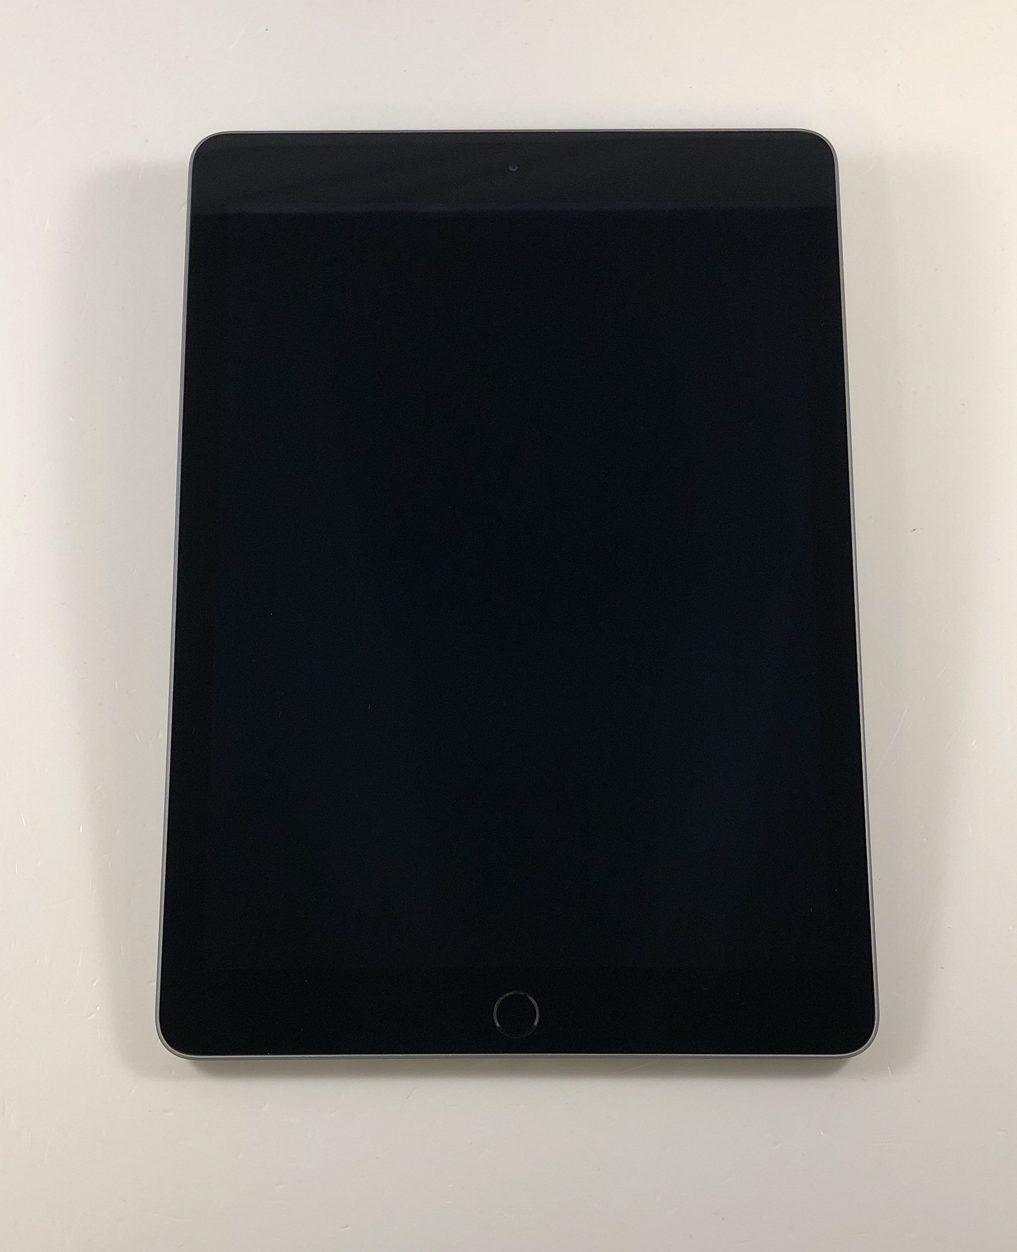 iPad 5 Wi-Fi 128GB, 128GB, Space Gray, imagen 1